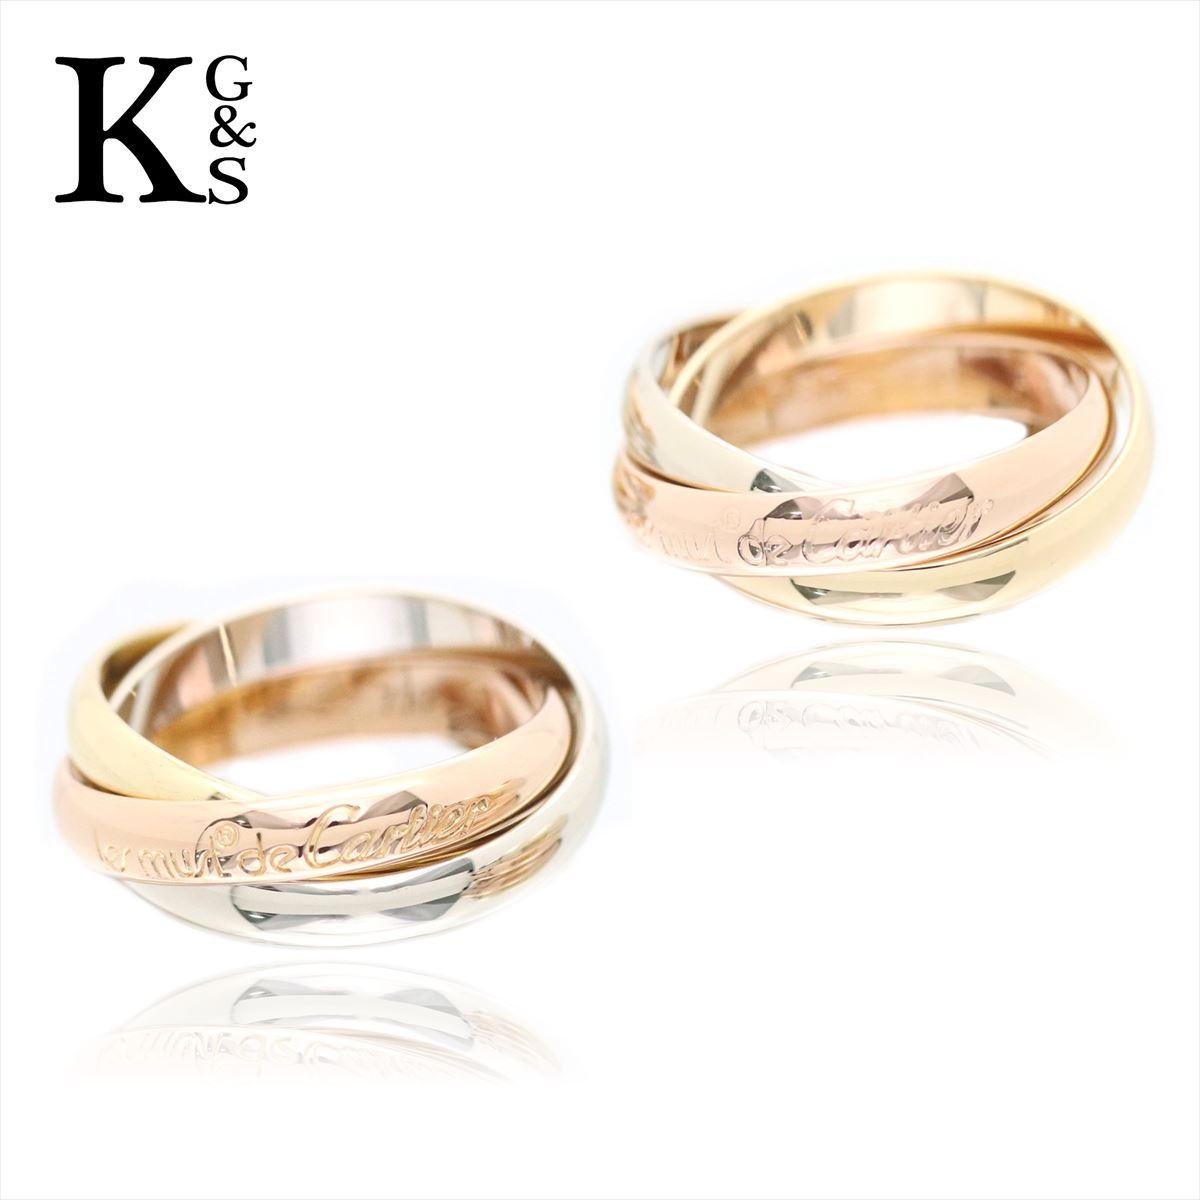 【新古品】【母の日 プレゼント】【セット販売】【4〜19号】カルティエ/Cartier / ペアリング / トリニティリング 3連 / イエローゴールド ホワイトゴールド ピンクゴールド YG/WG/PG K18 / レディース メンズ 指輪 B4086100